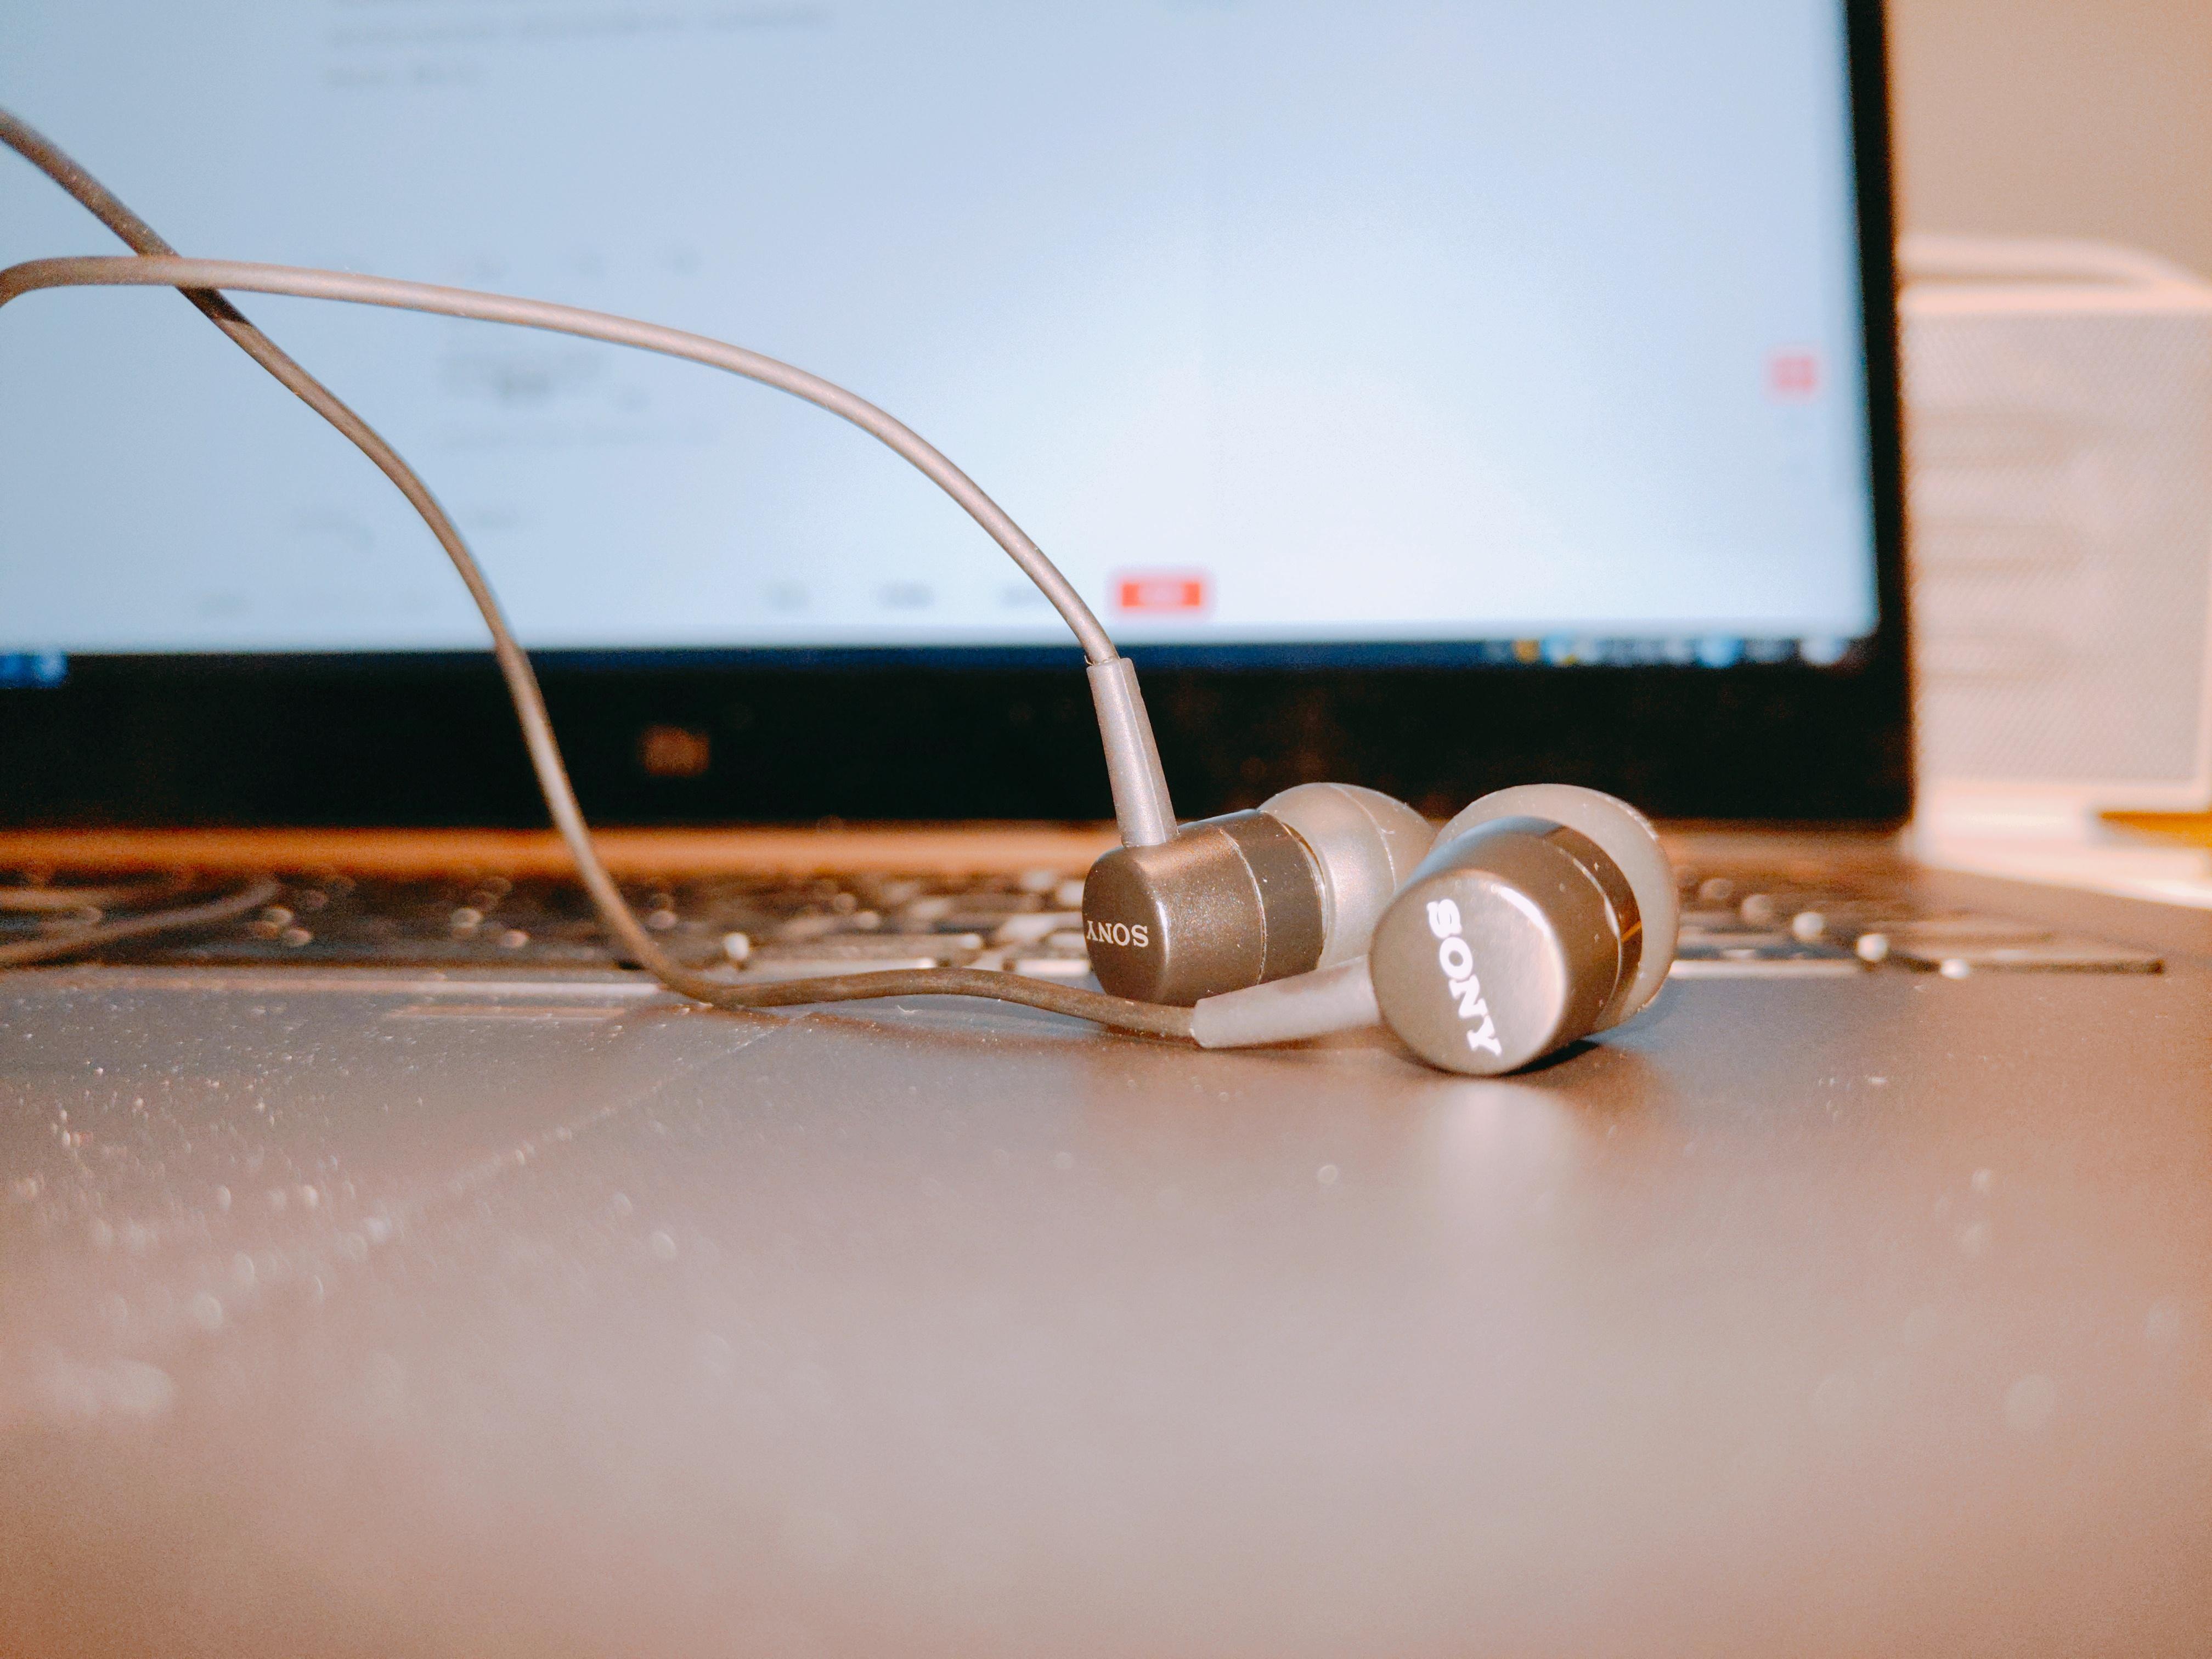 仅售29元,这条MP3时代的索尼耳机是我们今年最喜欢的产品